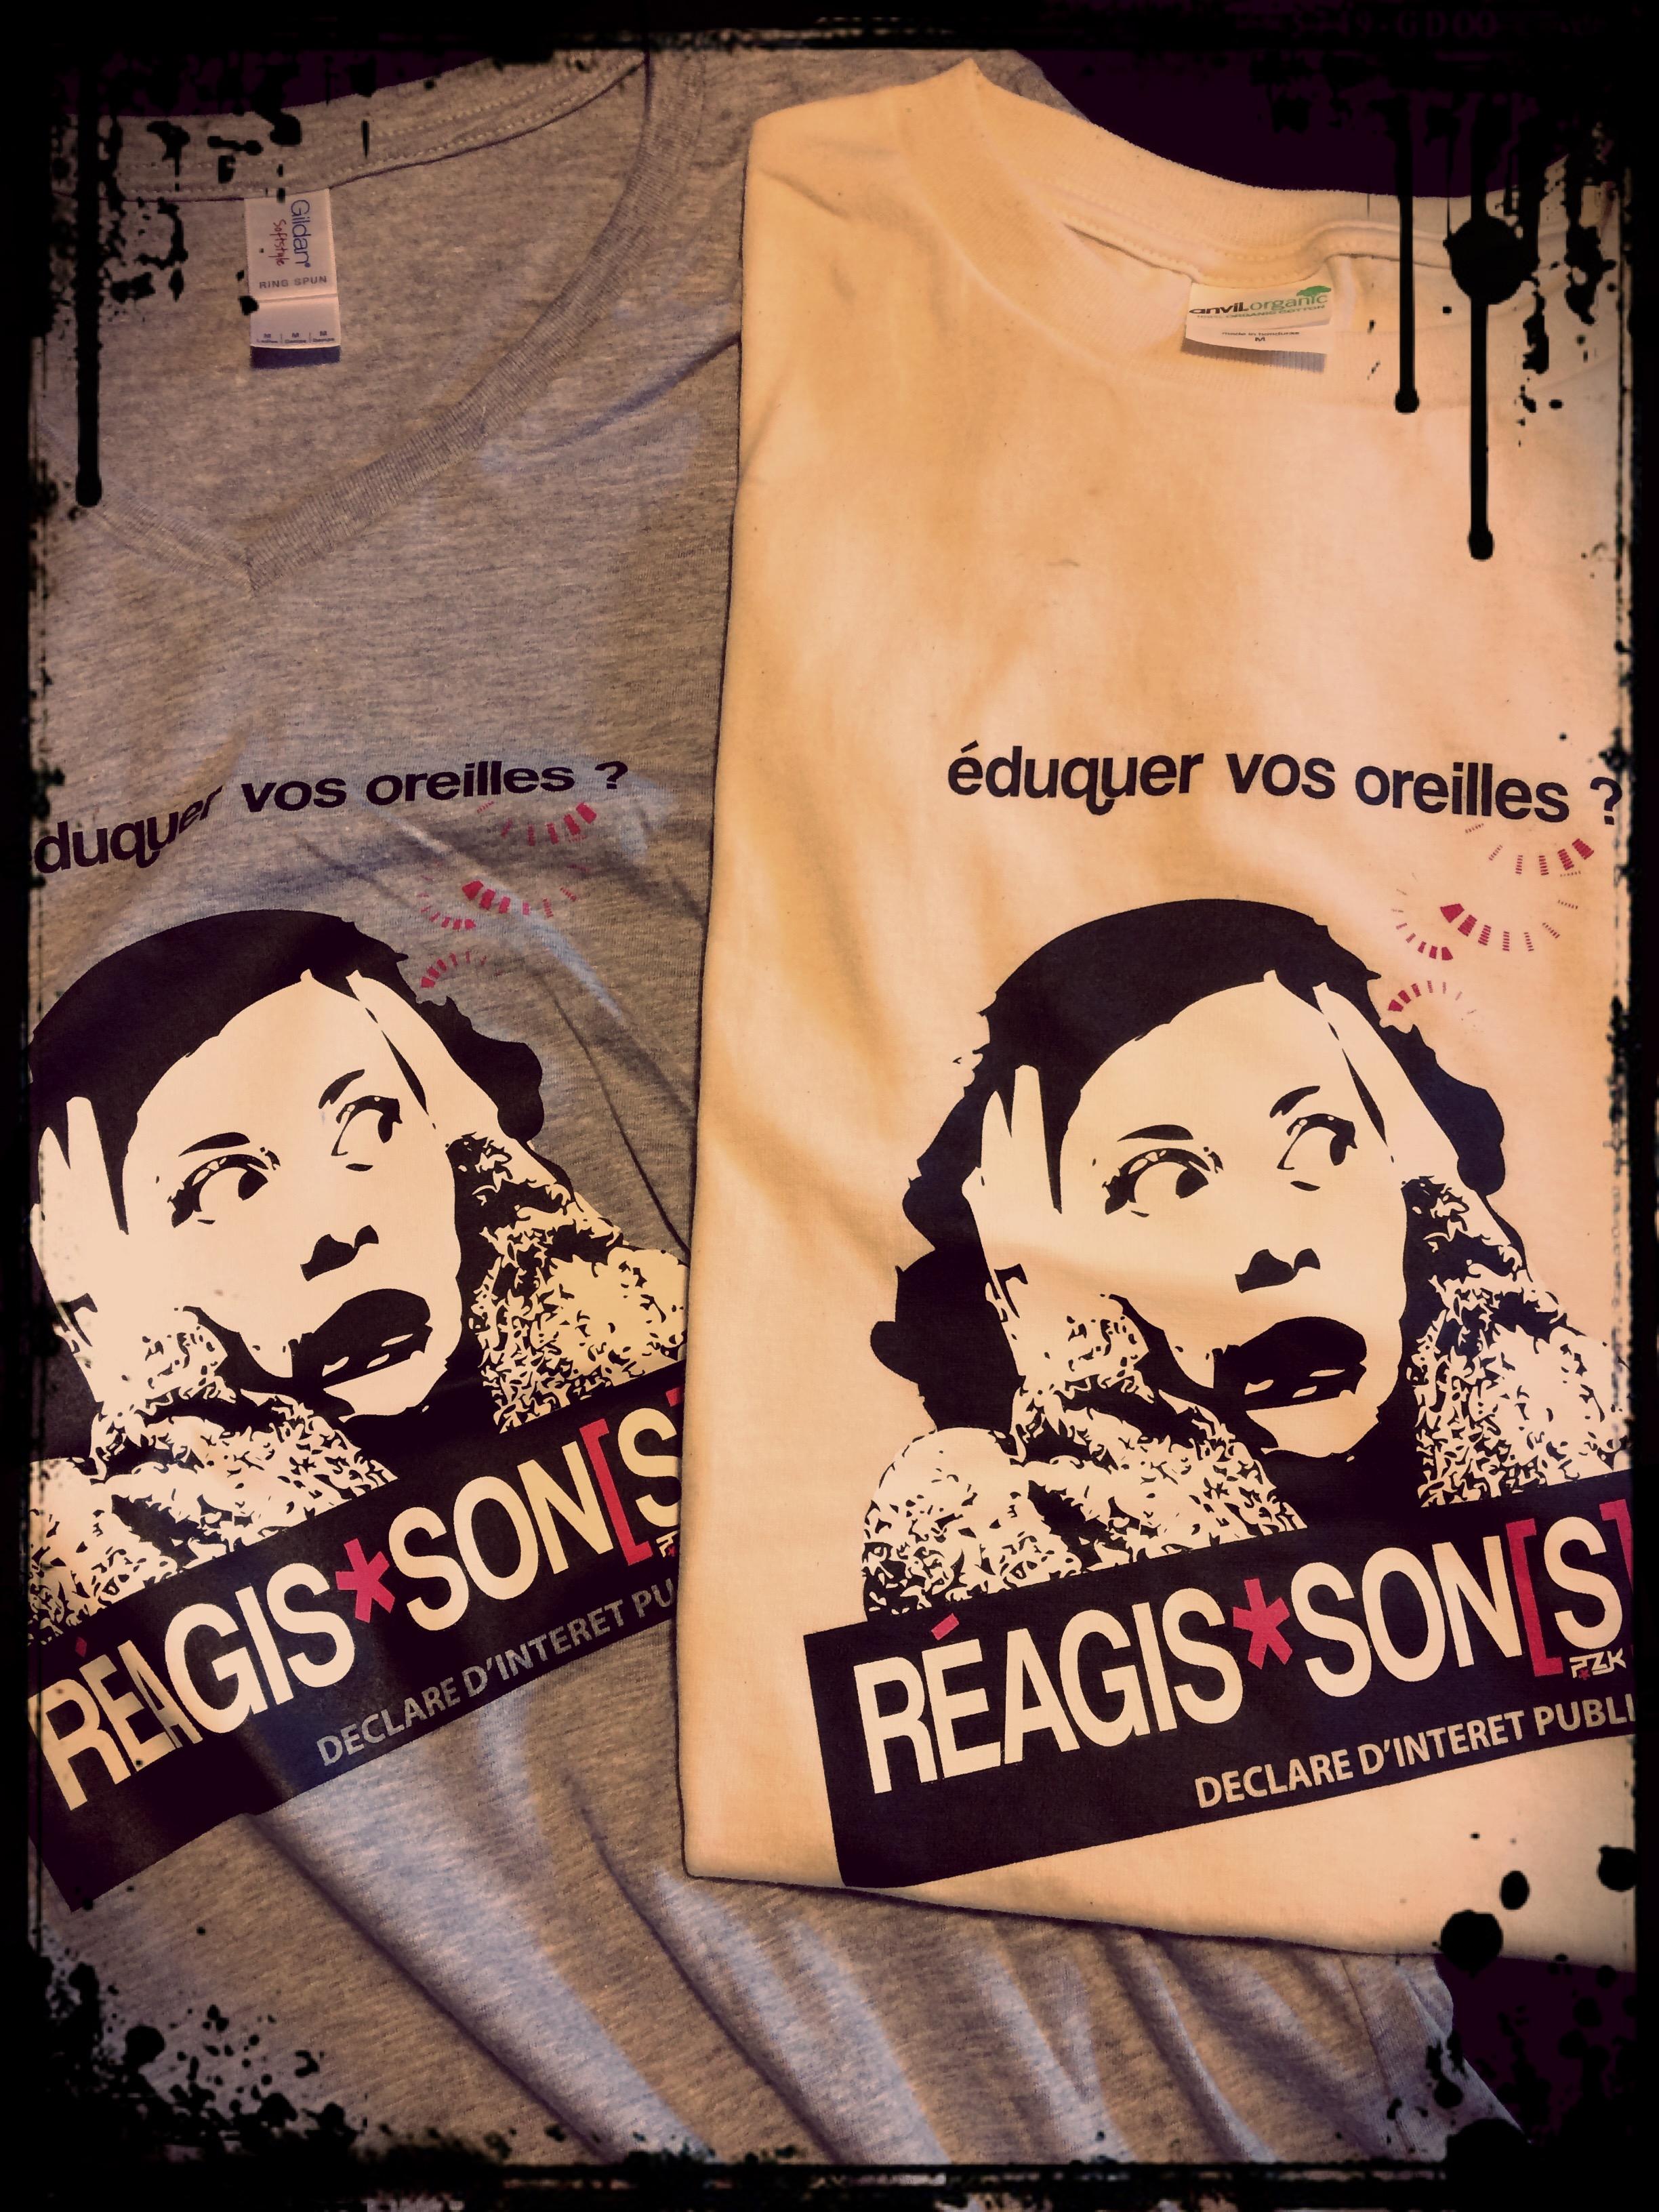 Tee-shirt Réagis-son[s]